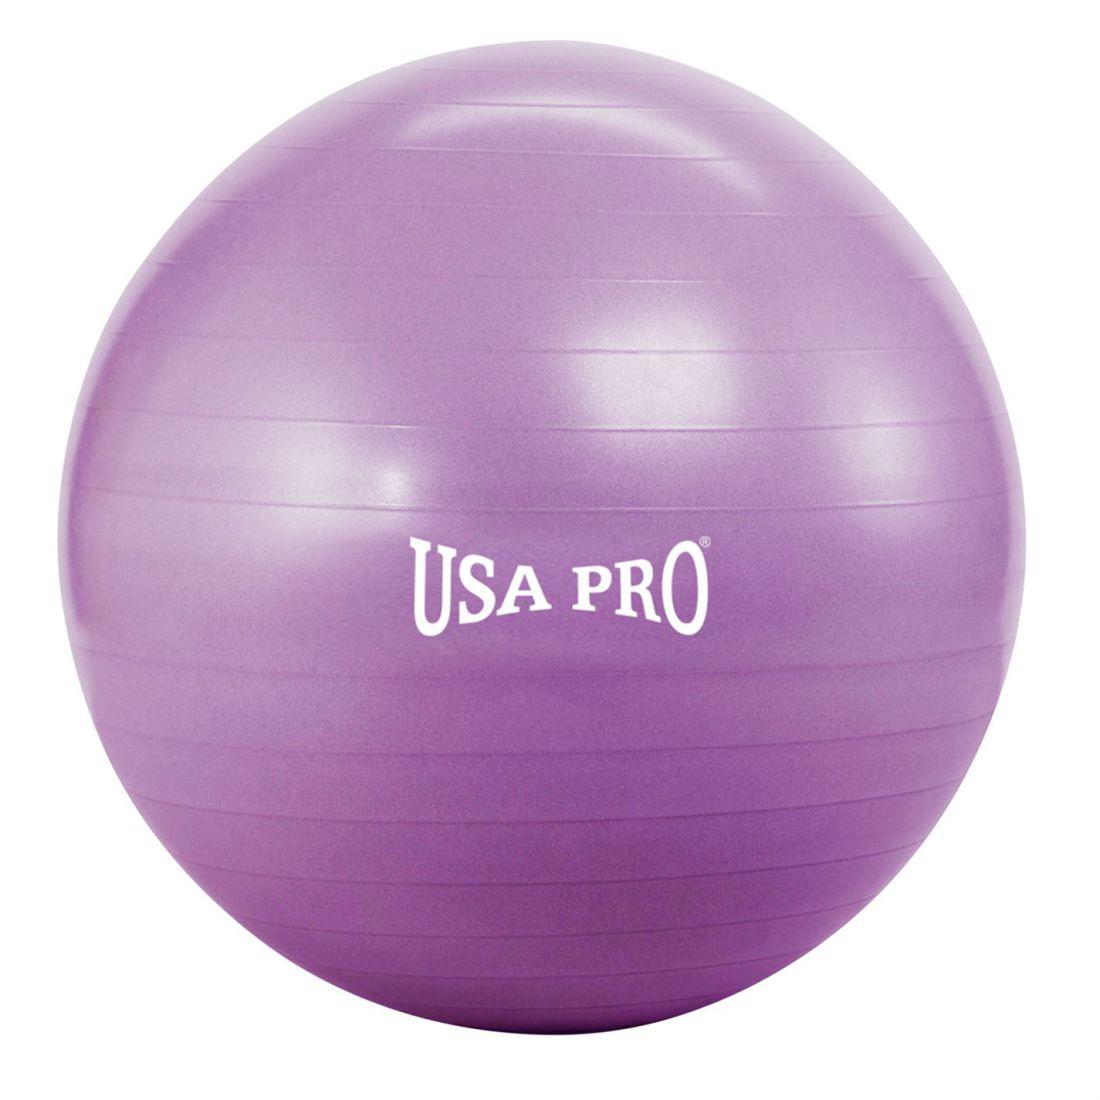 USA Pro Yoga Exercise Ball Unisex